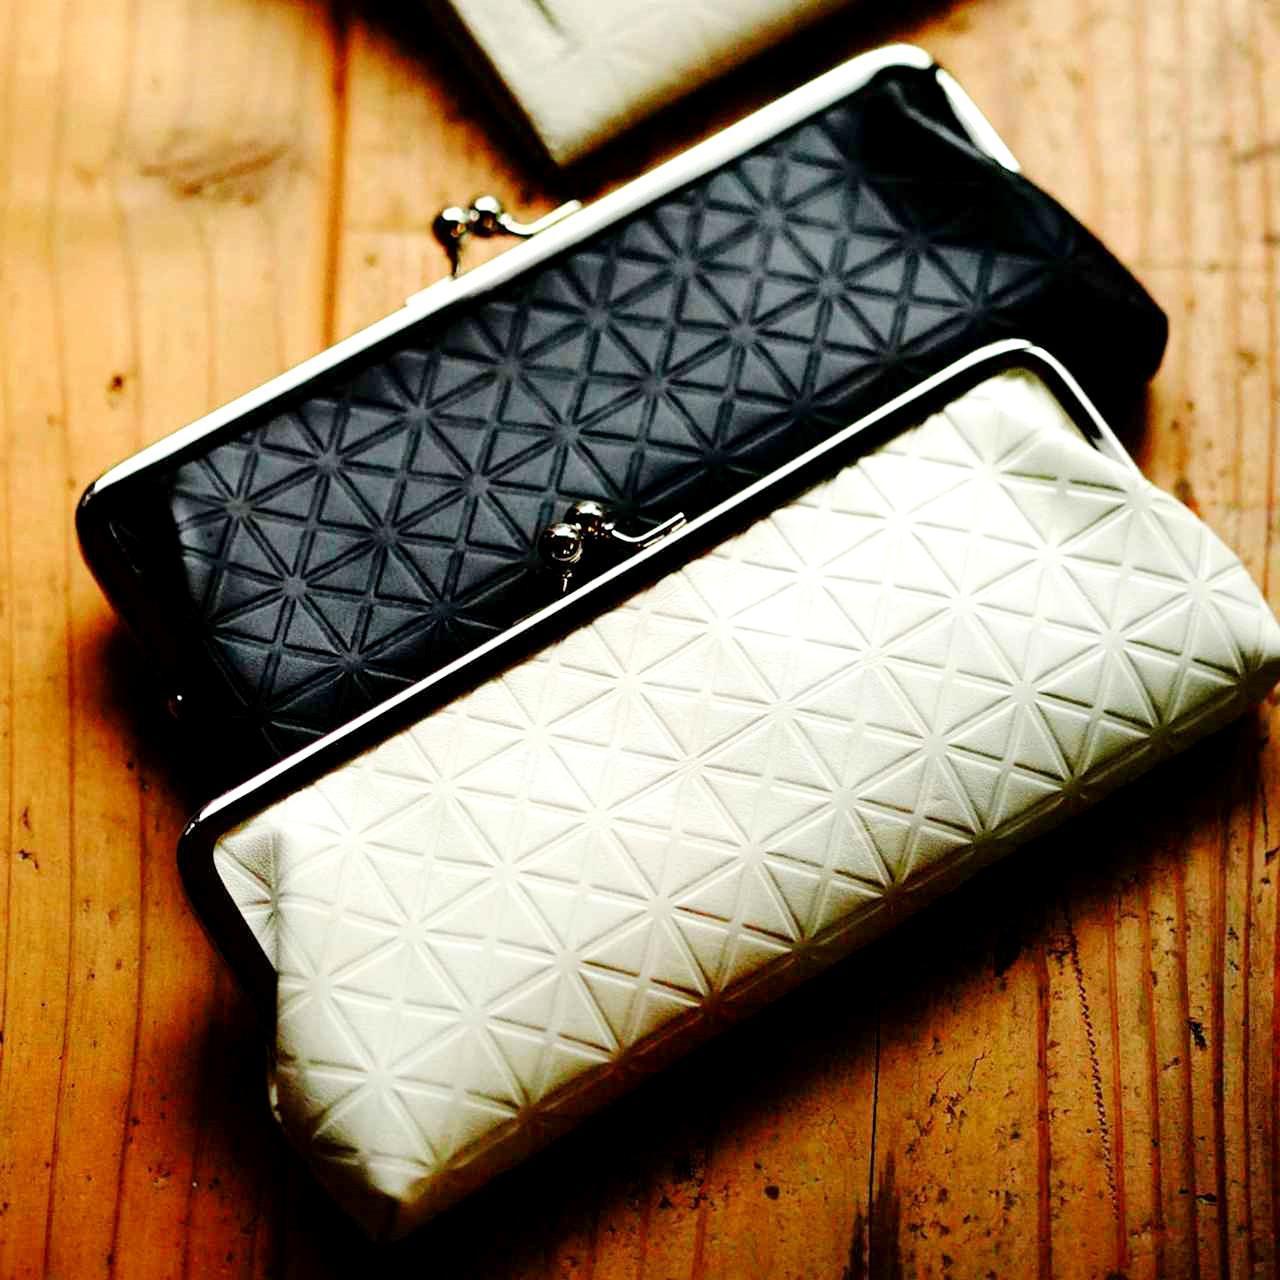 画像: 硝子の江戸切子で見かける矢来紋。江戸文化から生まれた縁起モノの柄。黒と白の2色、マット調の上品な仕上がり